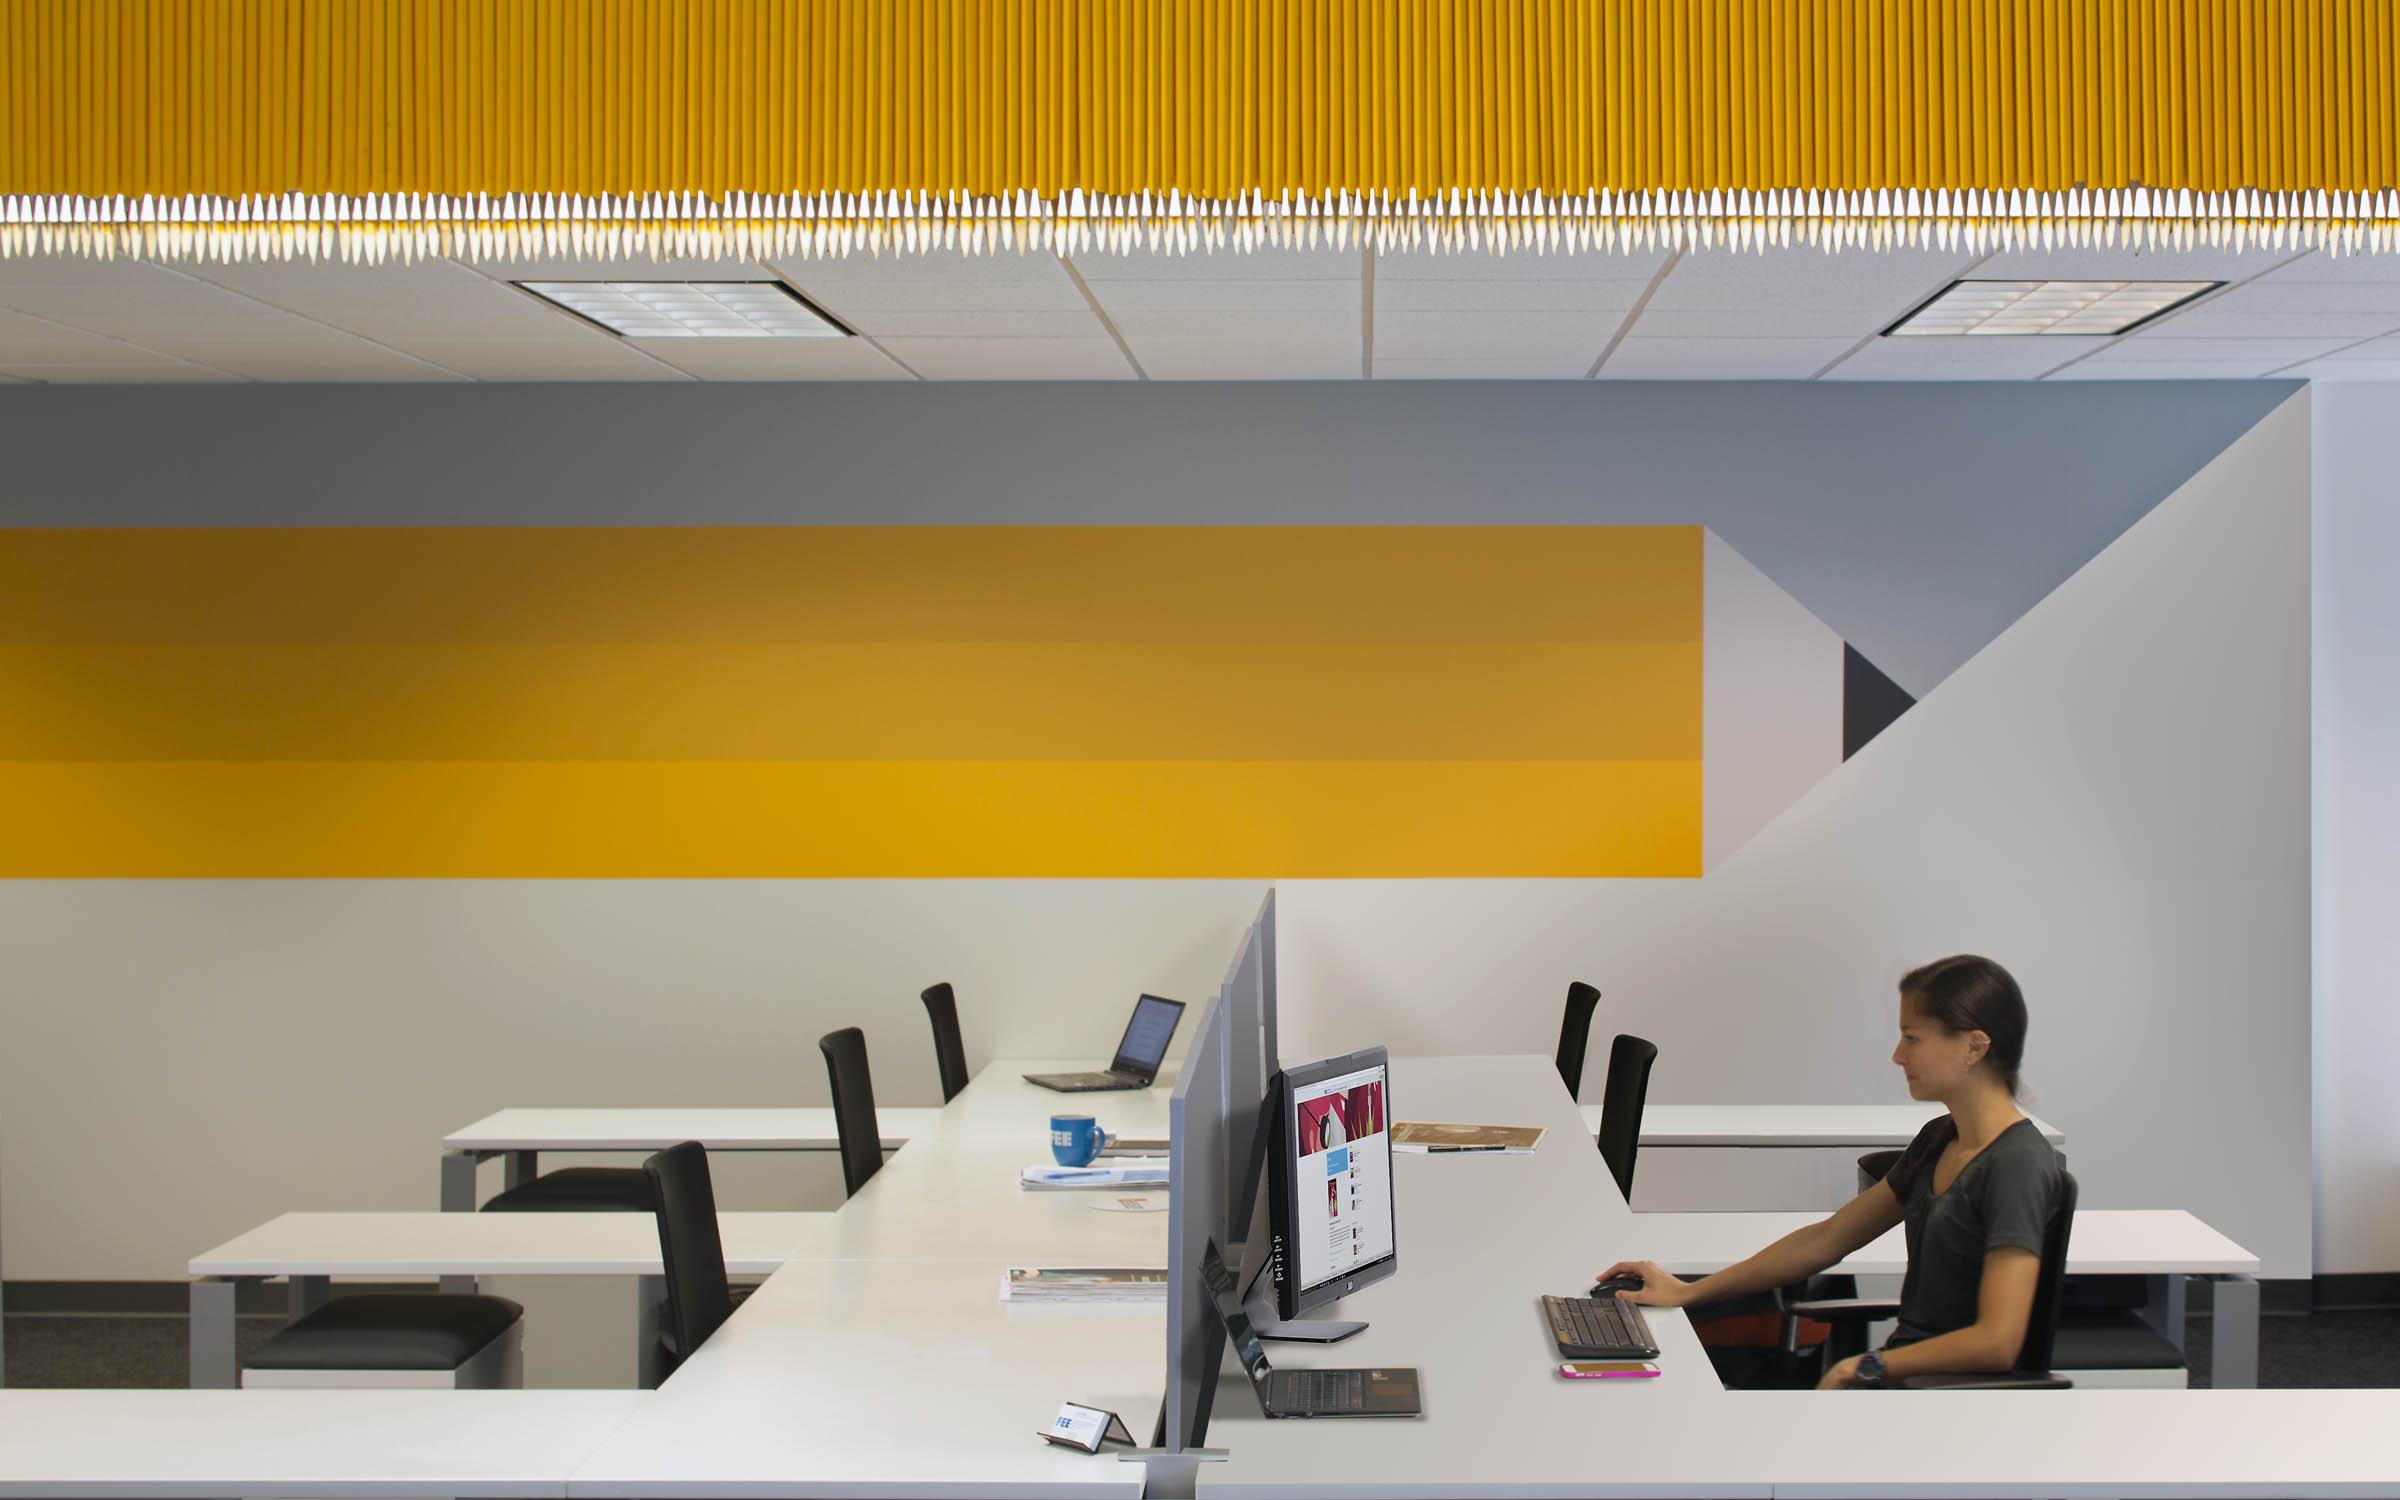 经济教育基金会环境图形设计©Lorenc+Yoo Design